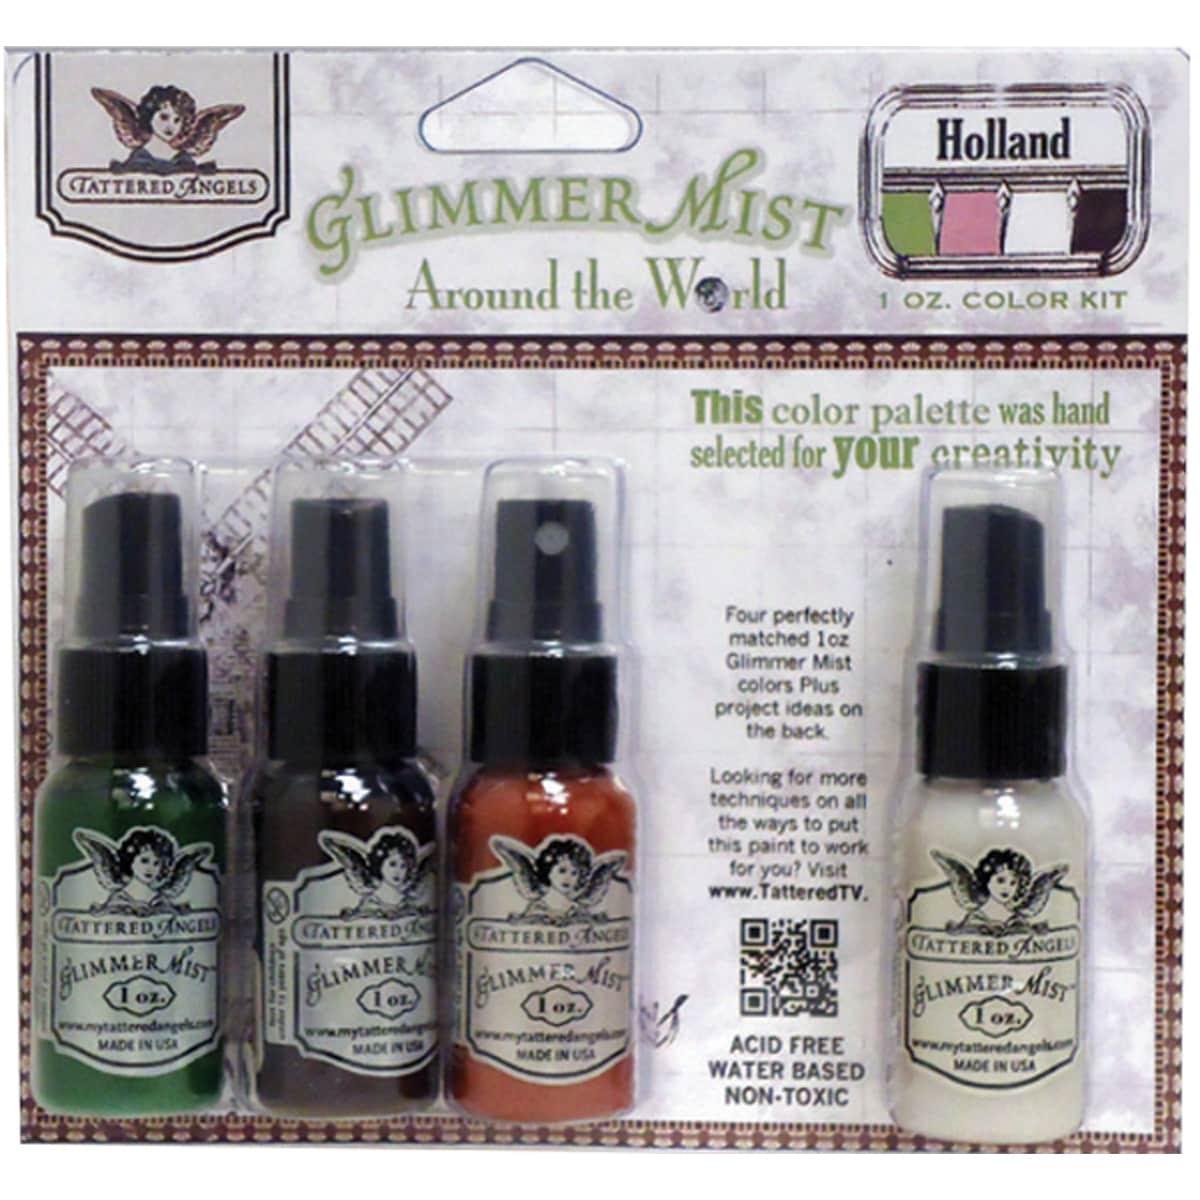 Glimmer Mist 1 Ounce Kit-Holland